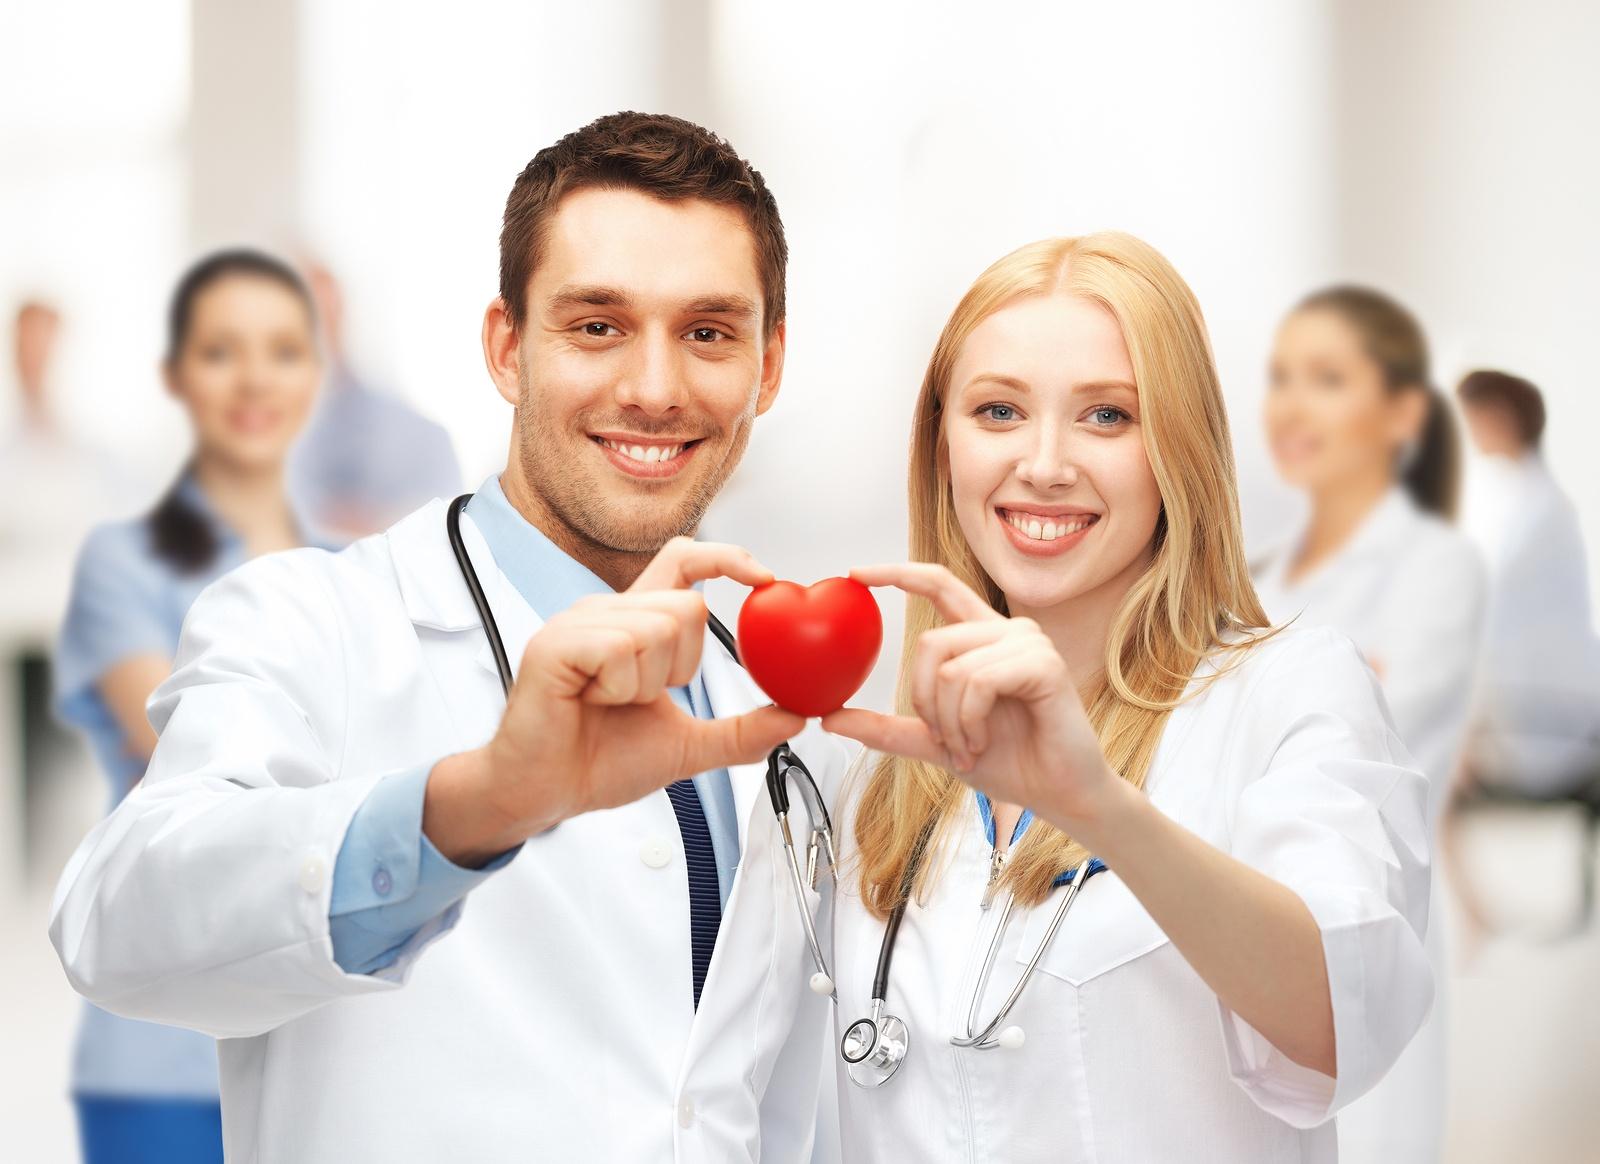 آیا محققان ژاپنی نیاز به پیوند قلب را برطرف کردند؟ 1